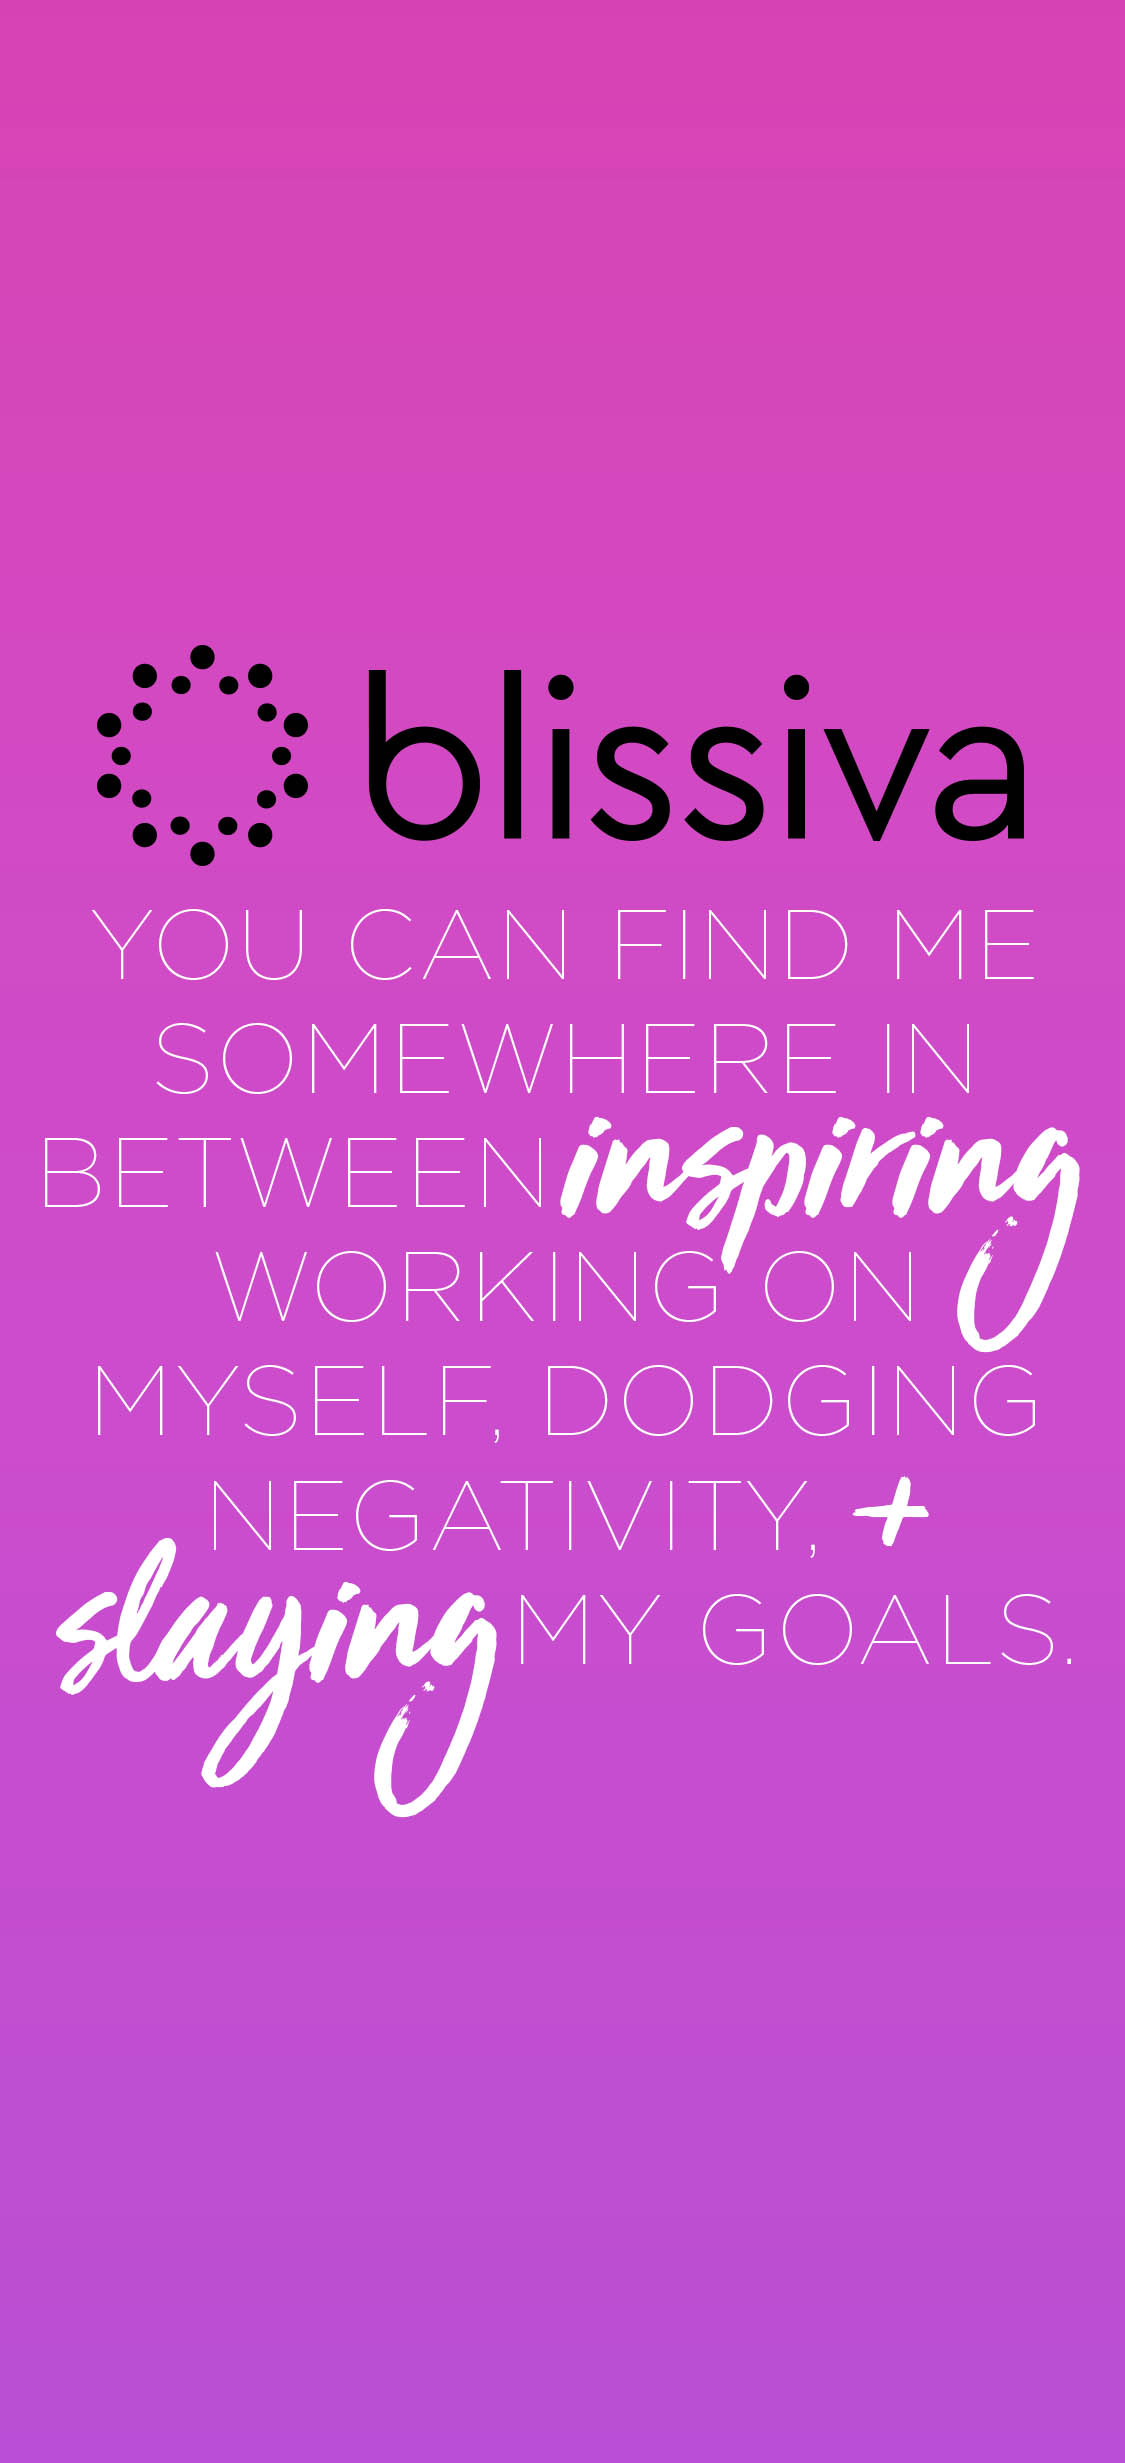 05 Blissiva iPhone — Inspiring.jpg